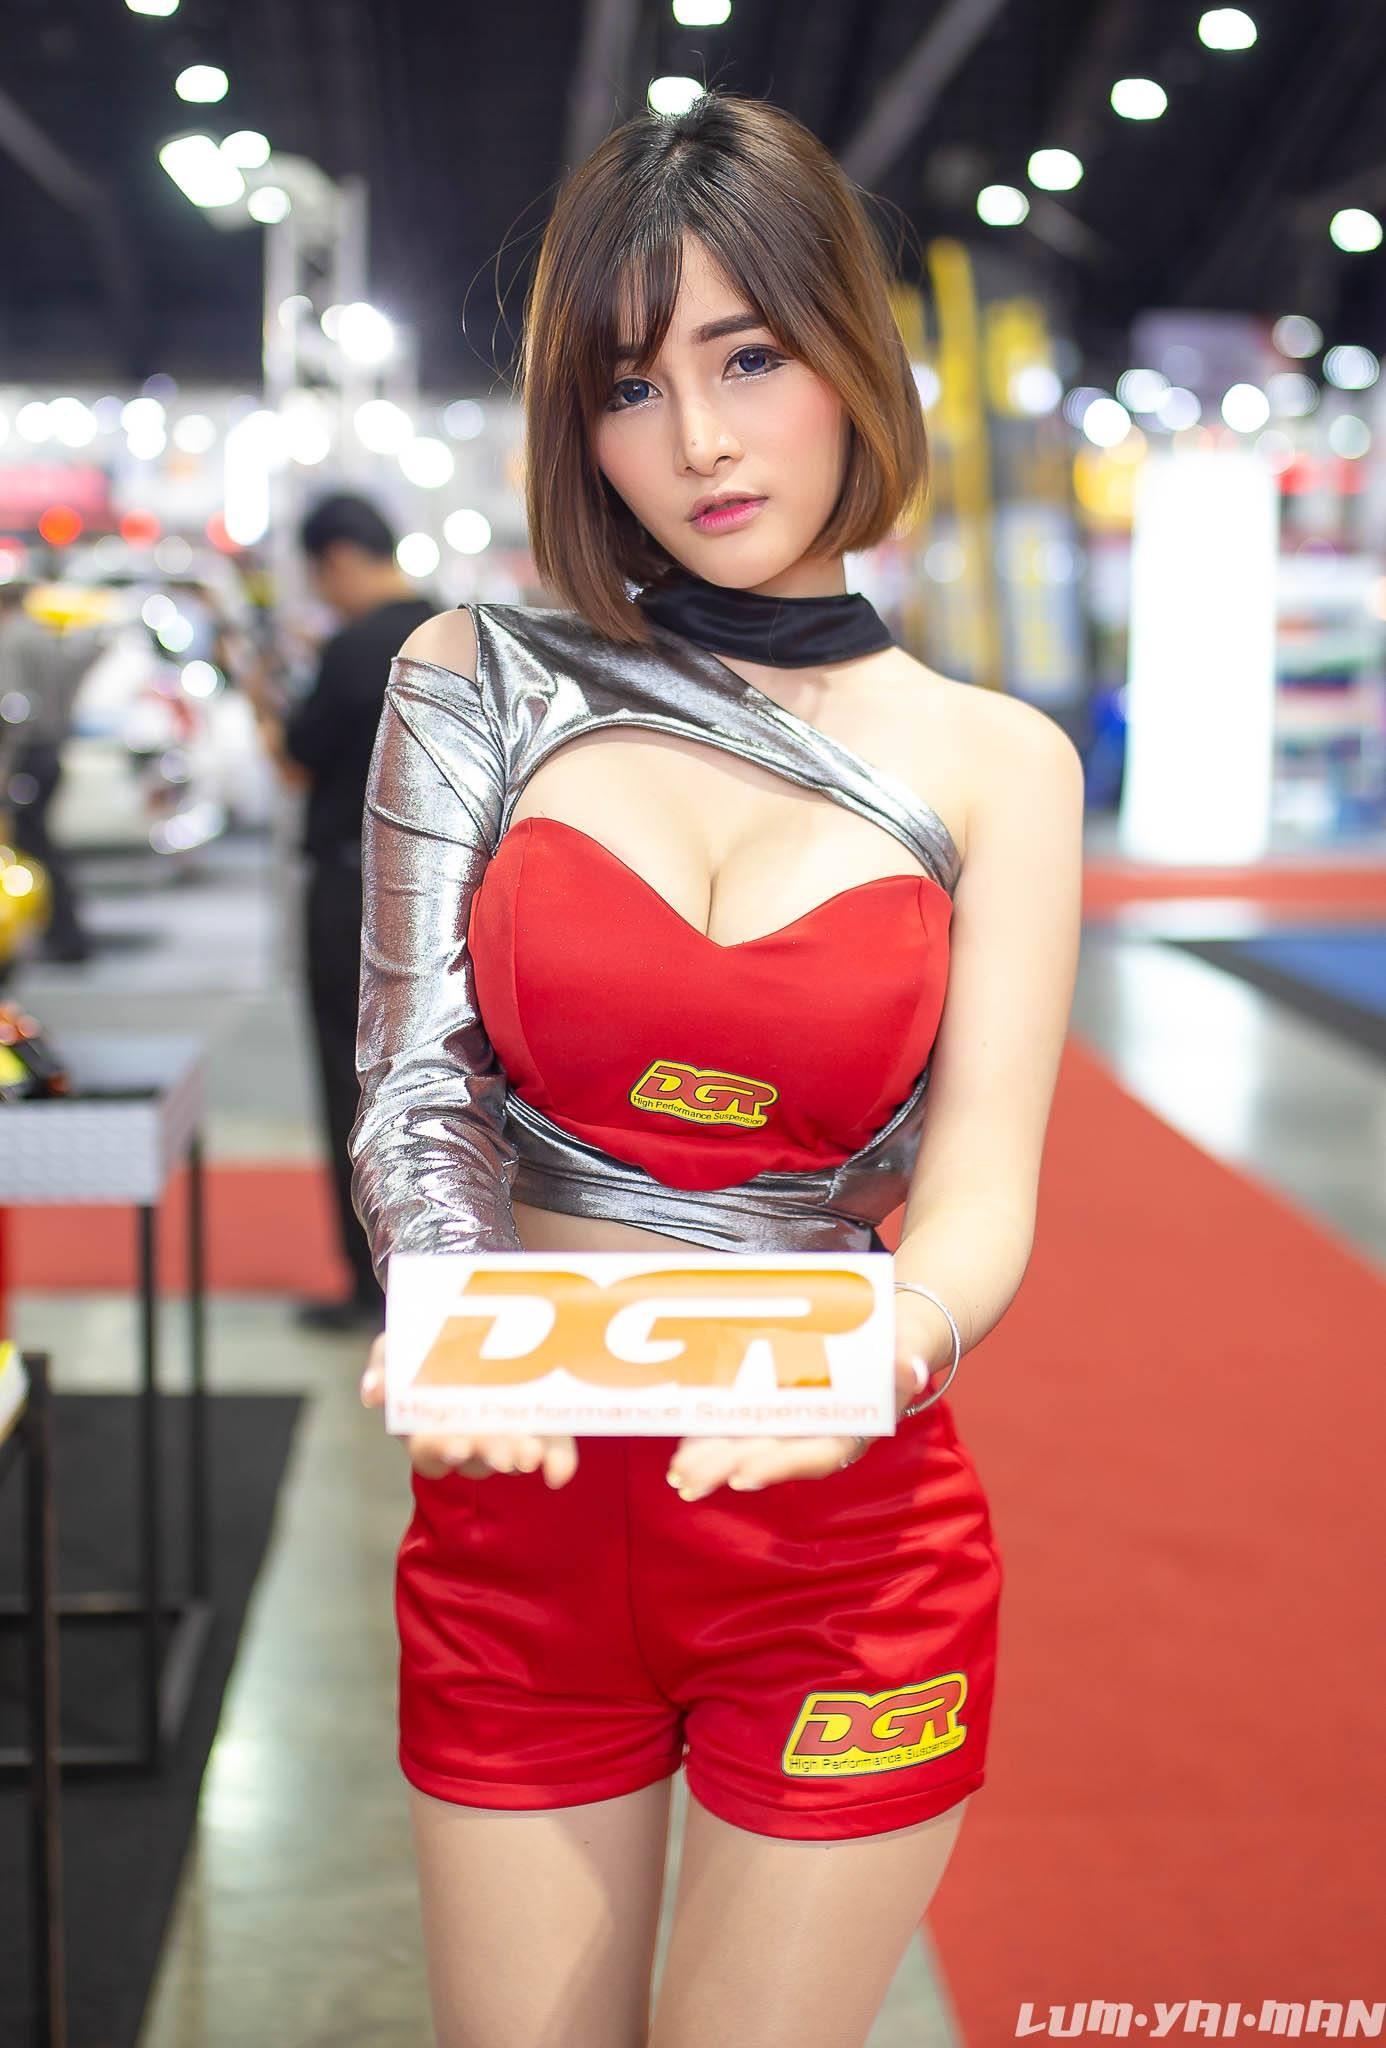 Ngắm người mẫu Thái Lan vừa dễ thương lại vừa gợi cảm ở Auto Salon 2018 - 9